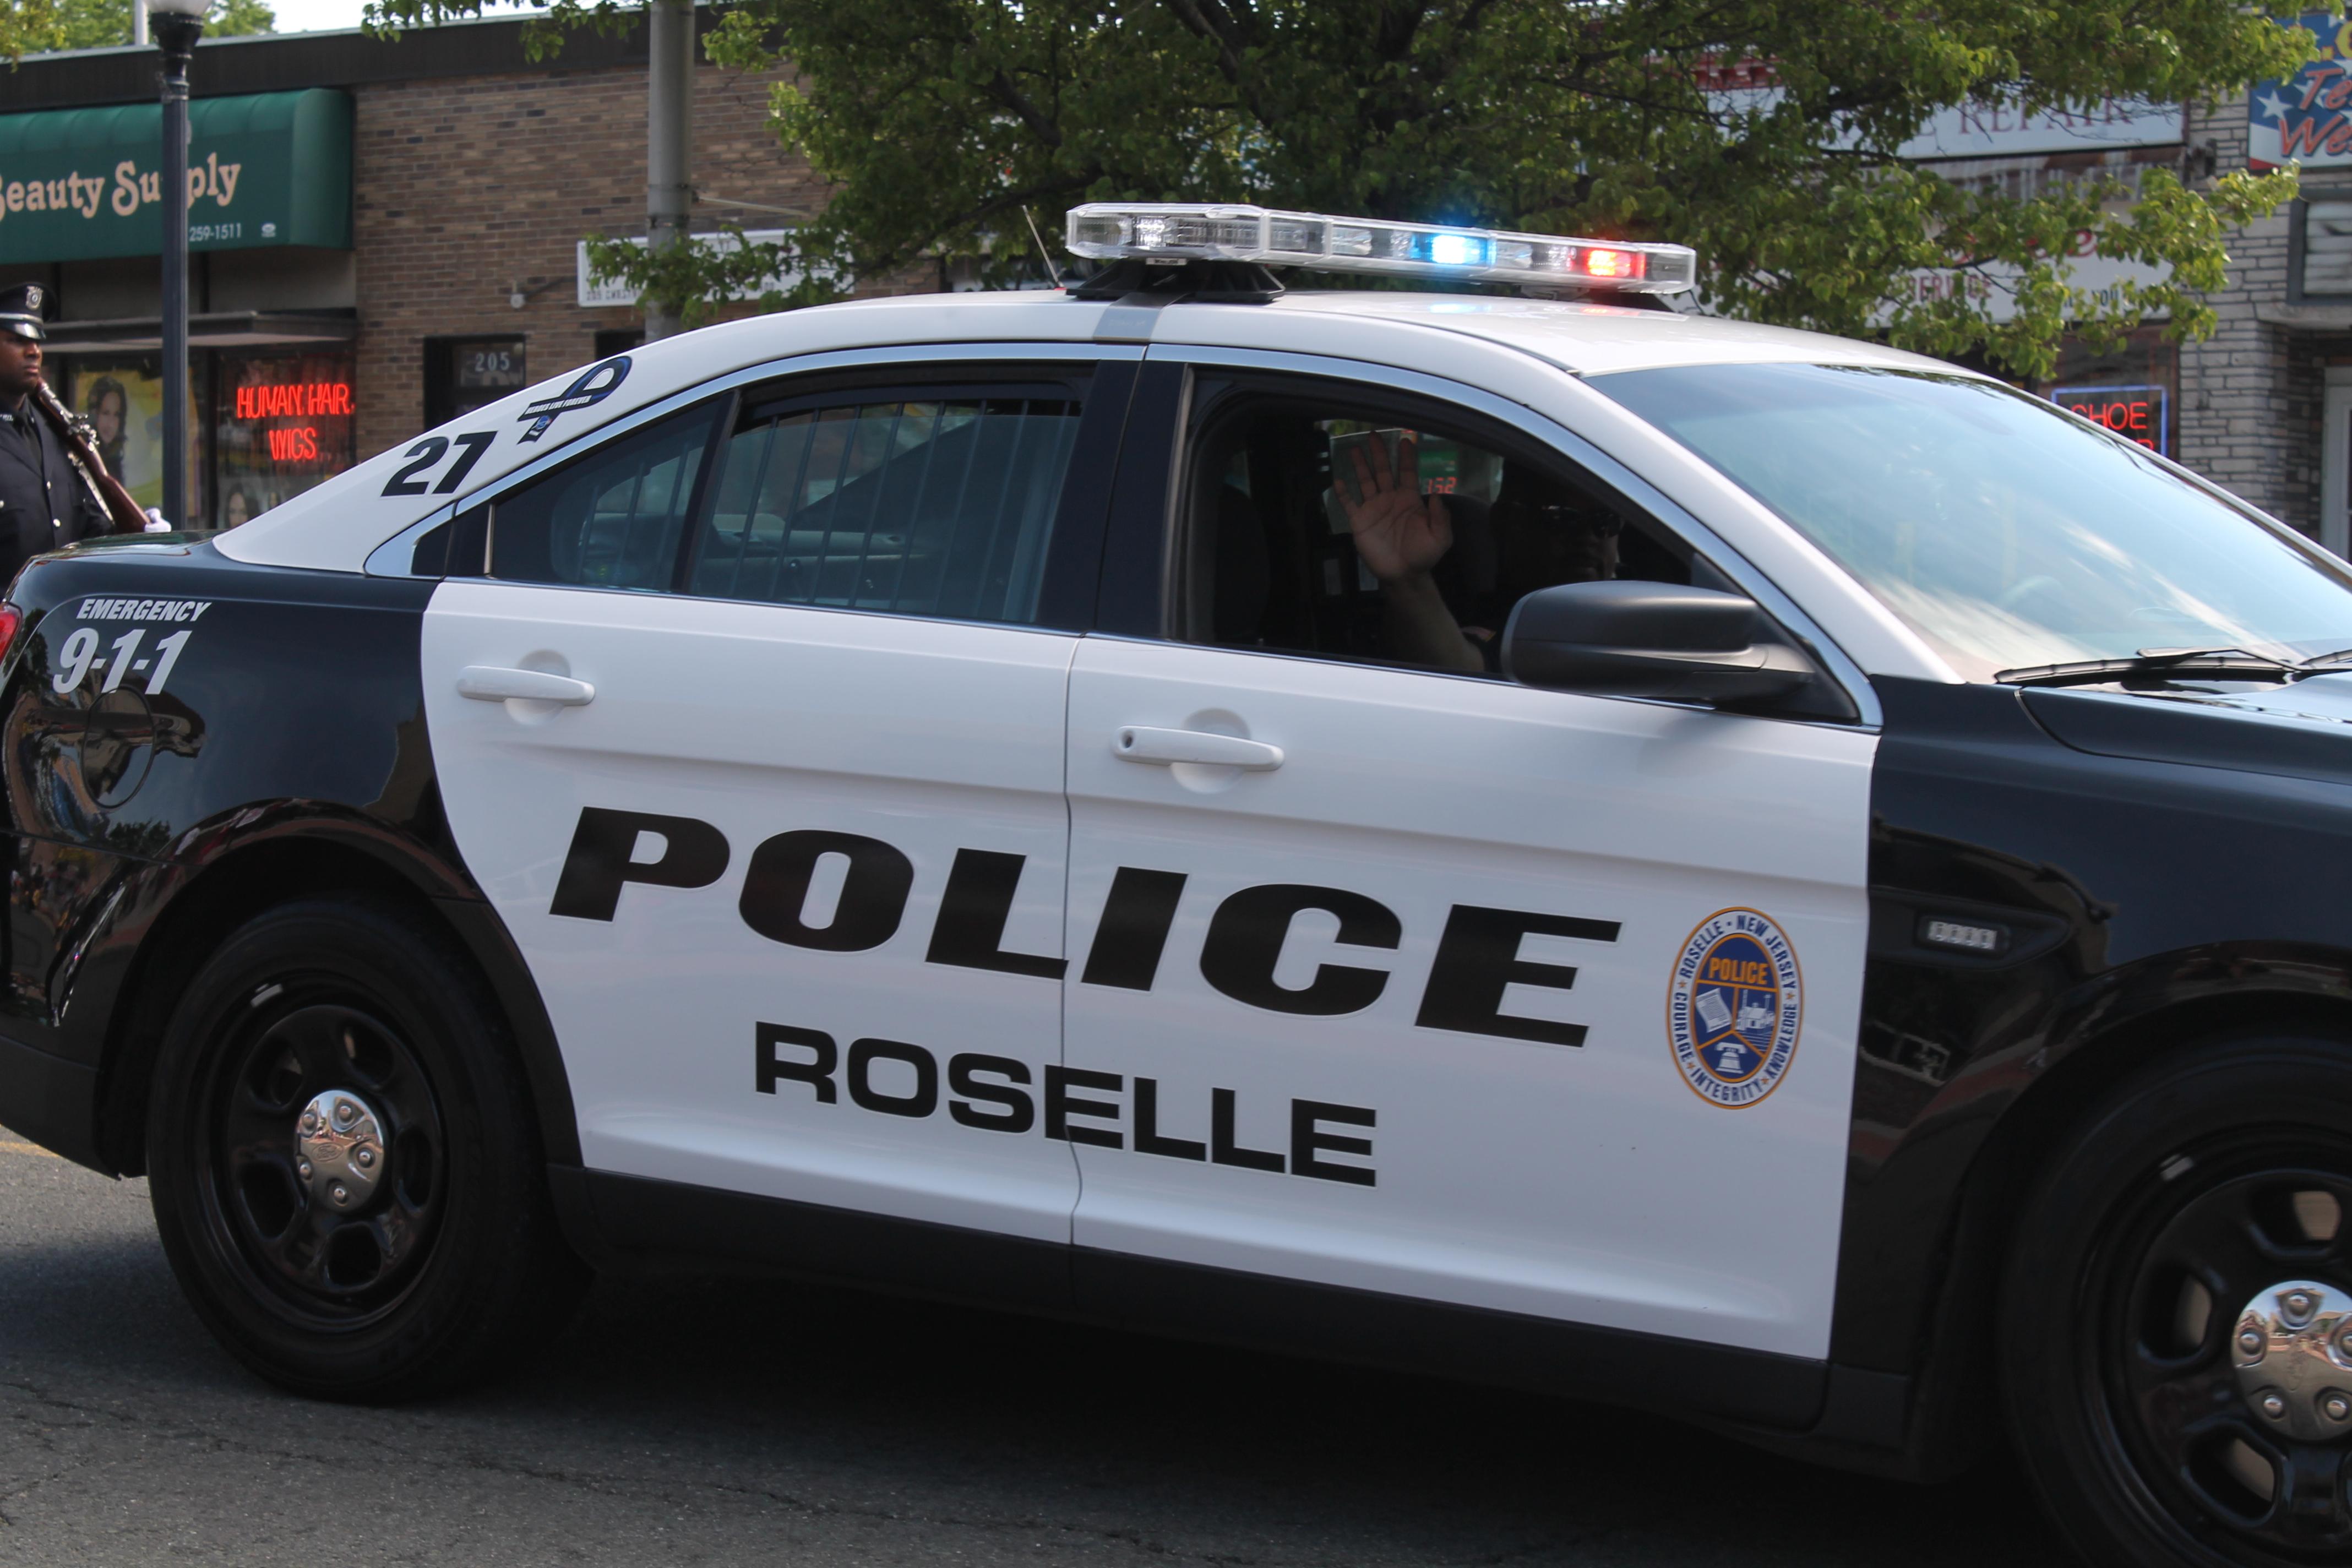 cd6bb0dd52e6ce95cfb4_Roselle_Police_copy.JPG